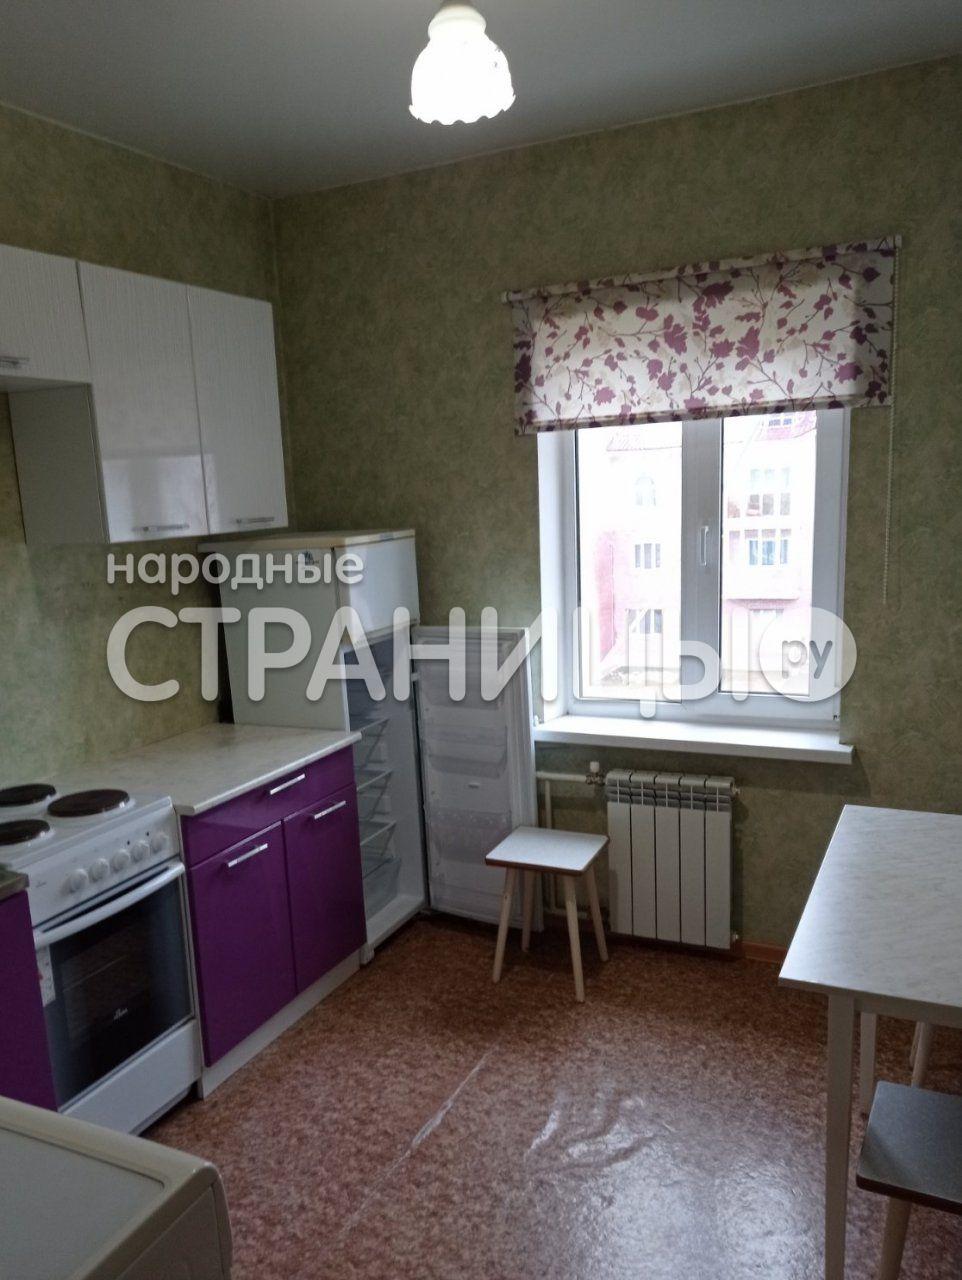 1-комнатная квартира, 31.3 м²,  3/3 эт. Кирпичный дом, Вторичное жилье